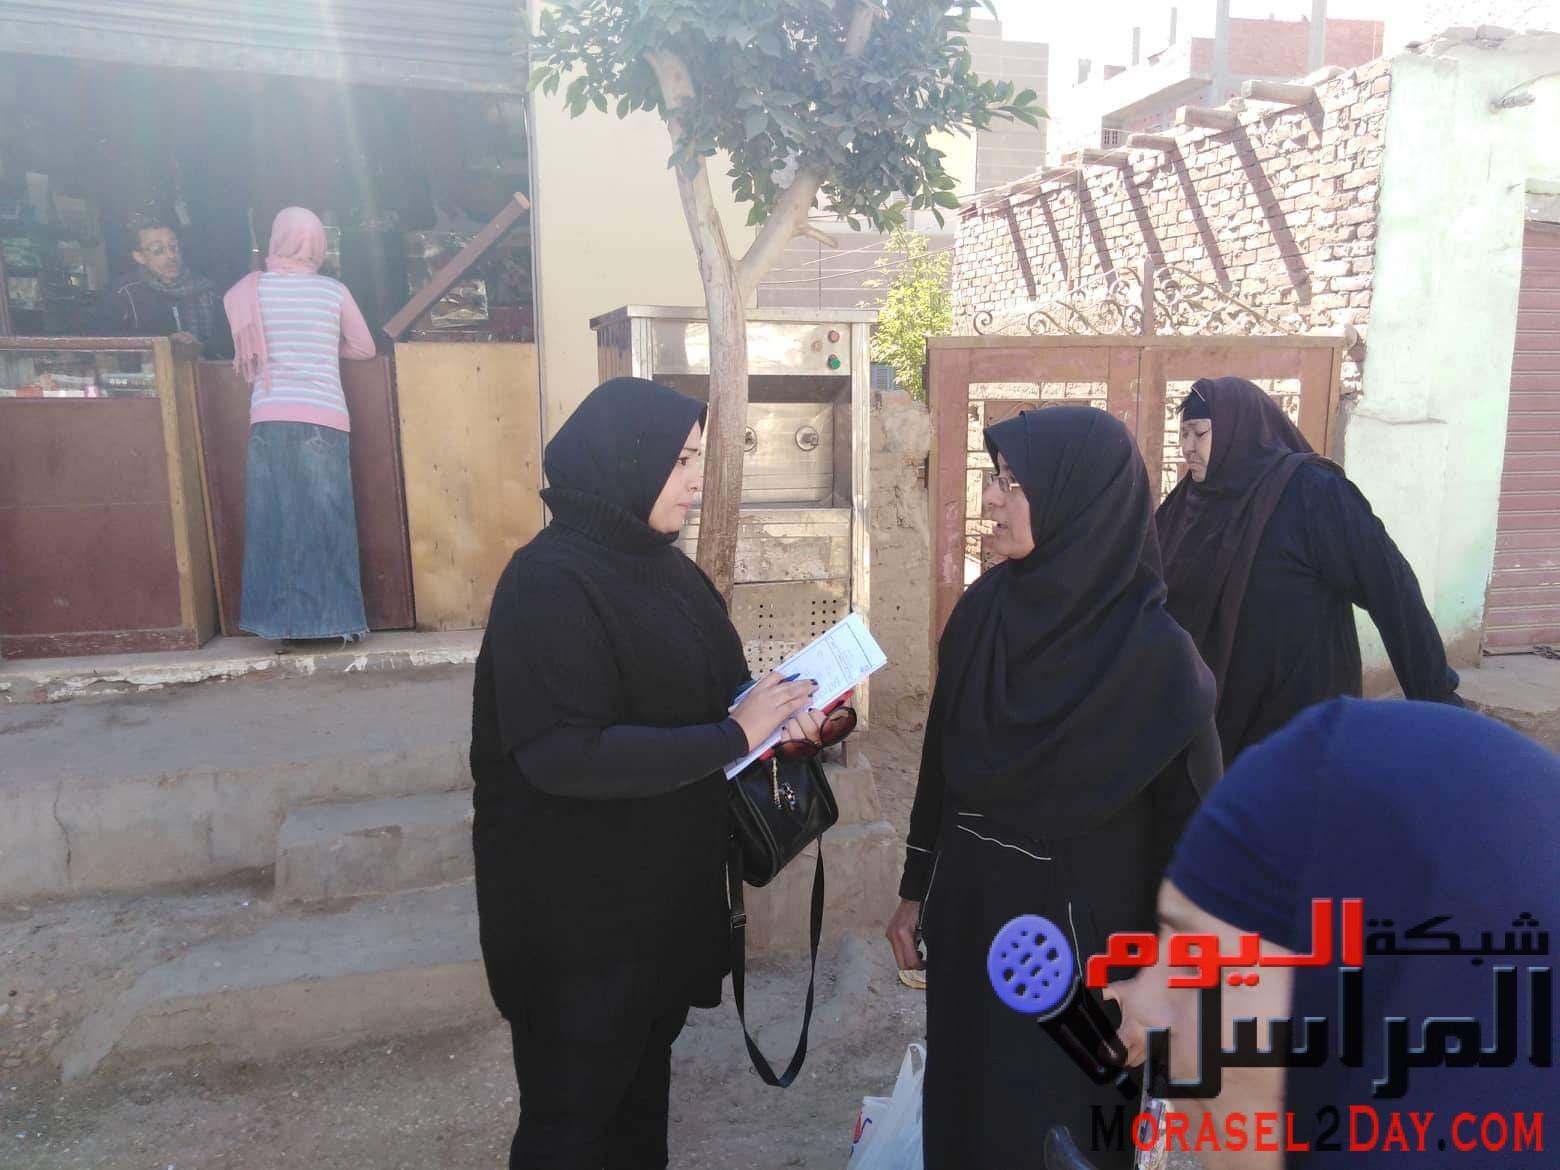 فعاليات اليوم الثانى للاسبوع المائى بقرية تلات تحت شعار كل نقطة بتفرق تنفيذ استطلاعات رأى وحملات طرق الأبواب